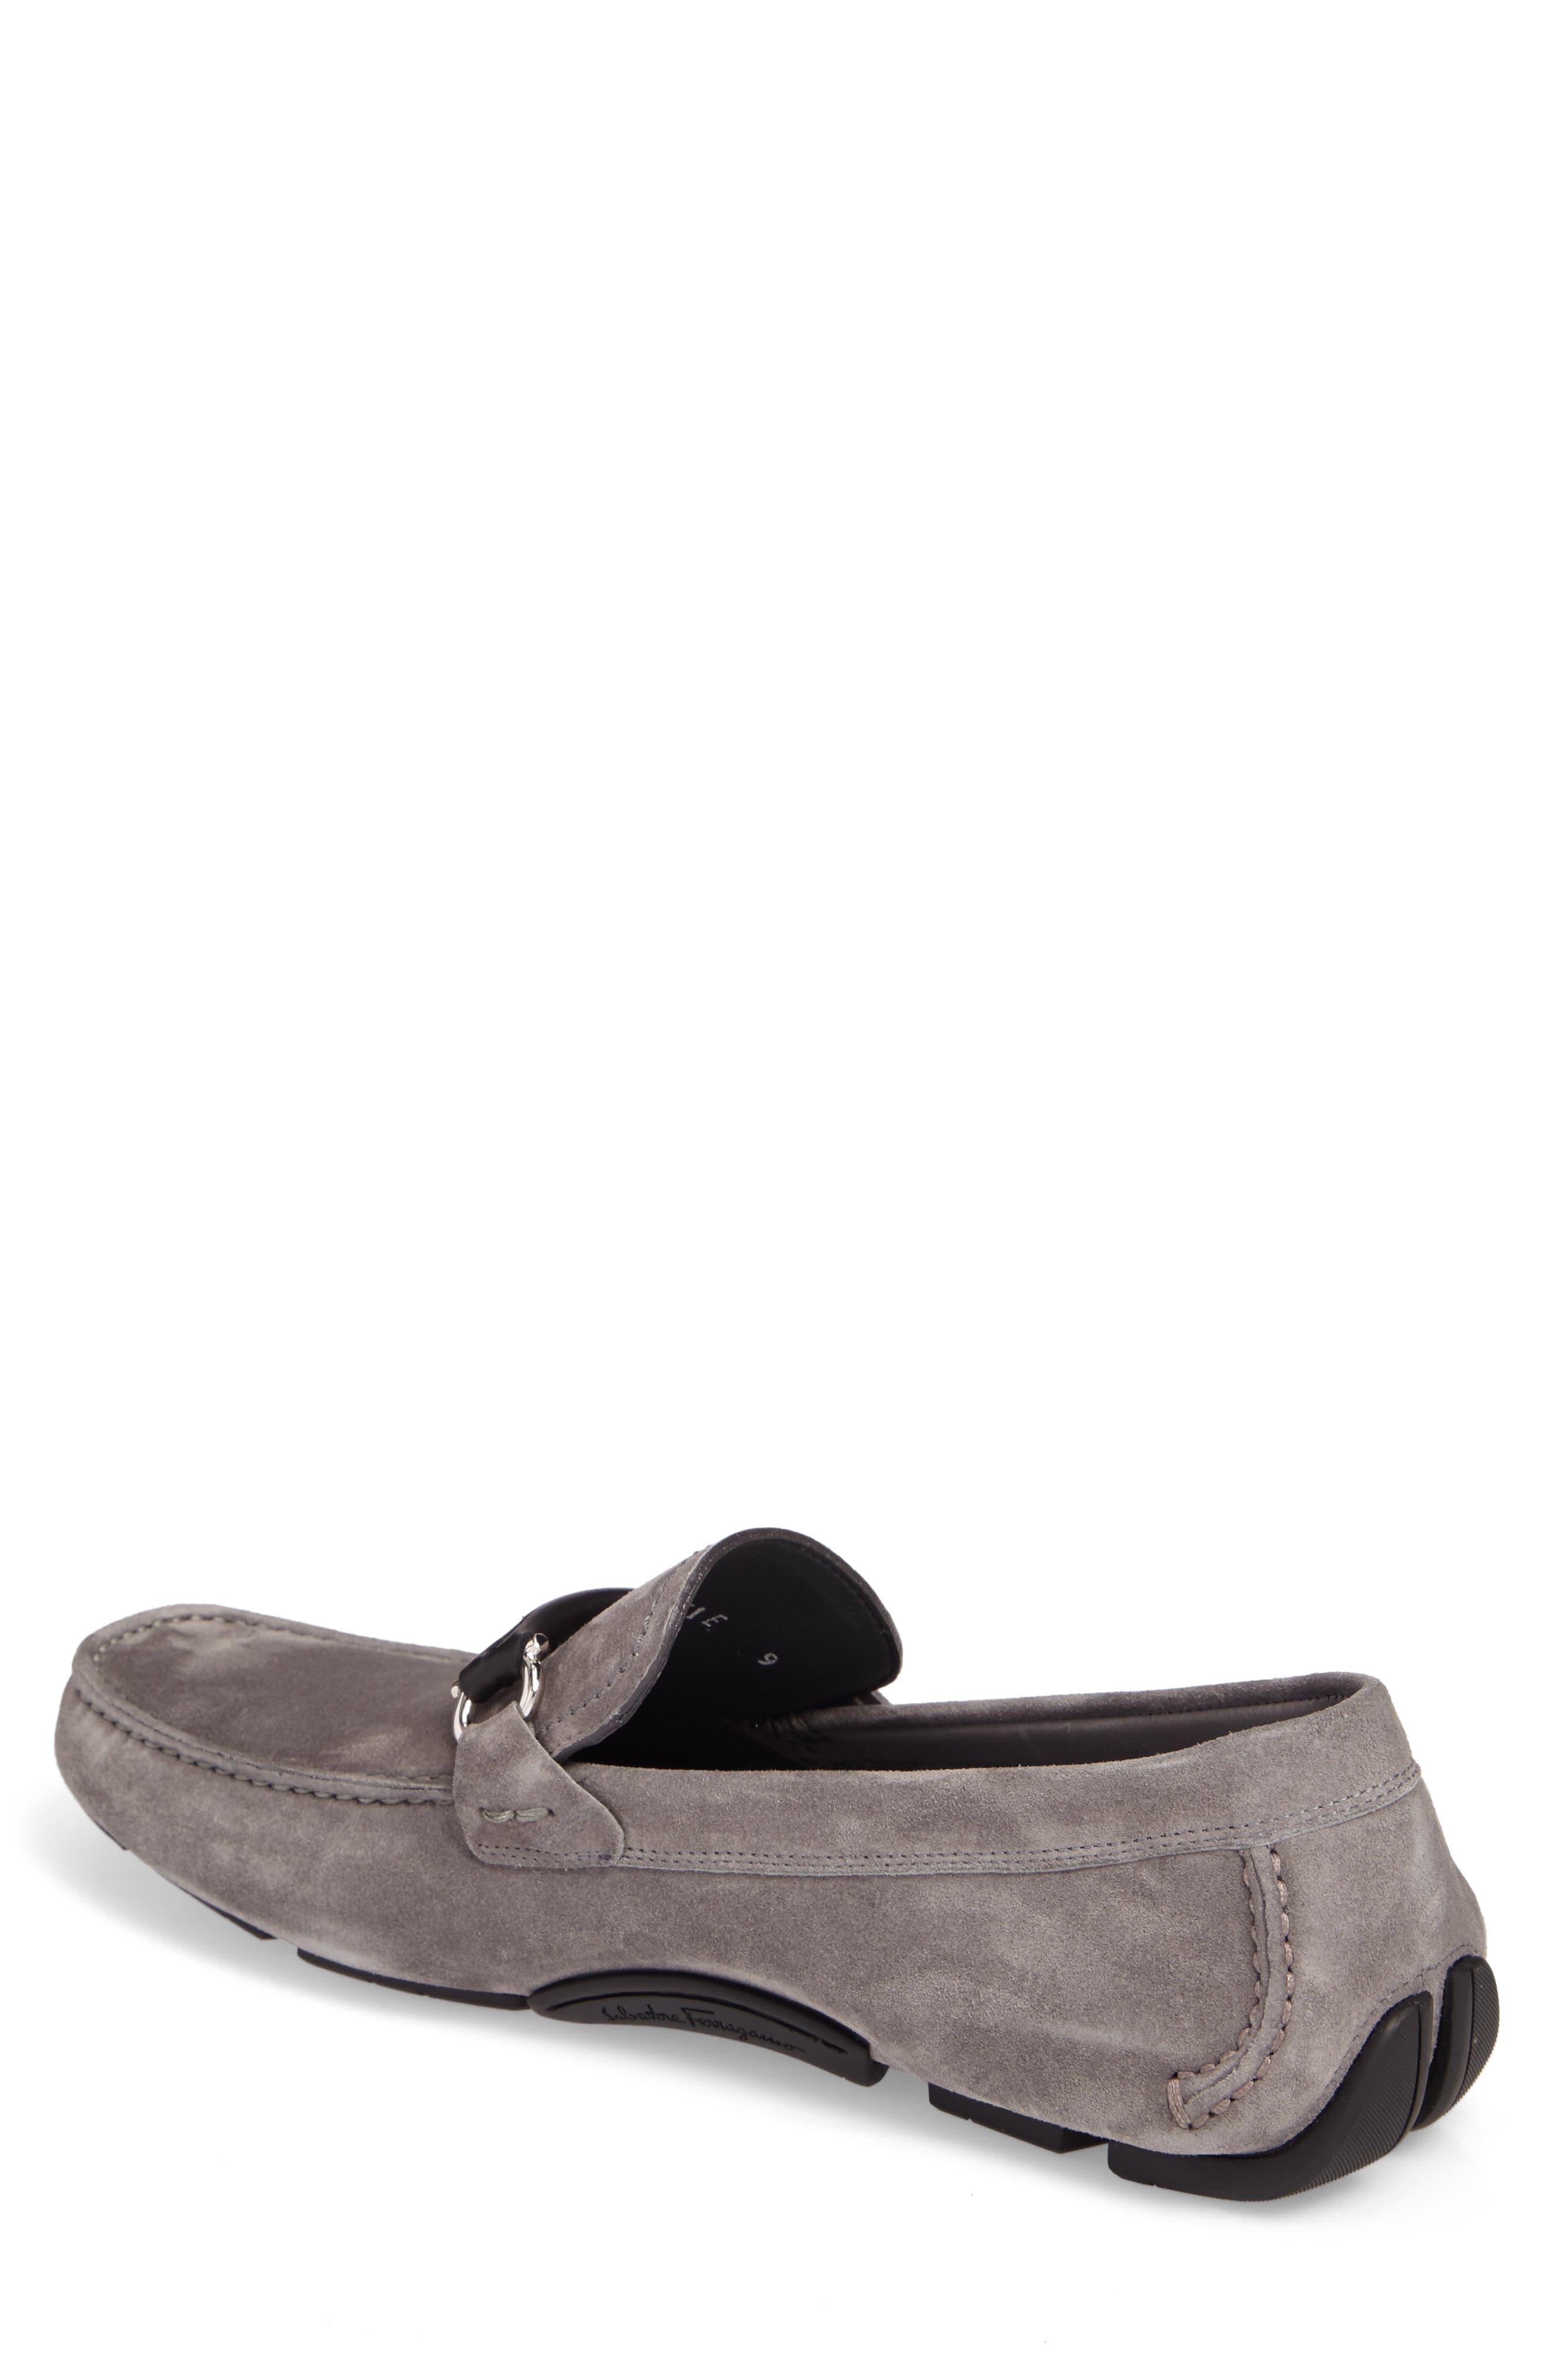 Alternate Image 2  - Salvatore Ferragamo GranprixDriving Shoe (Men)